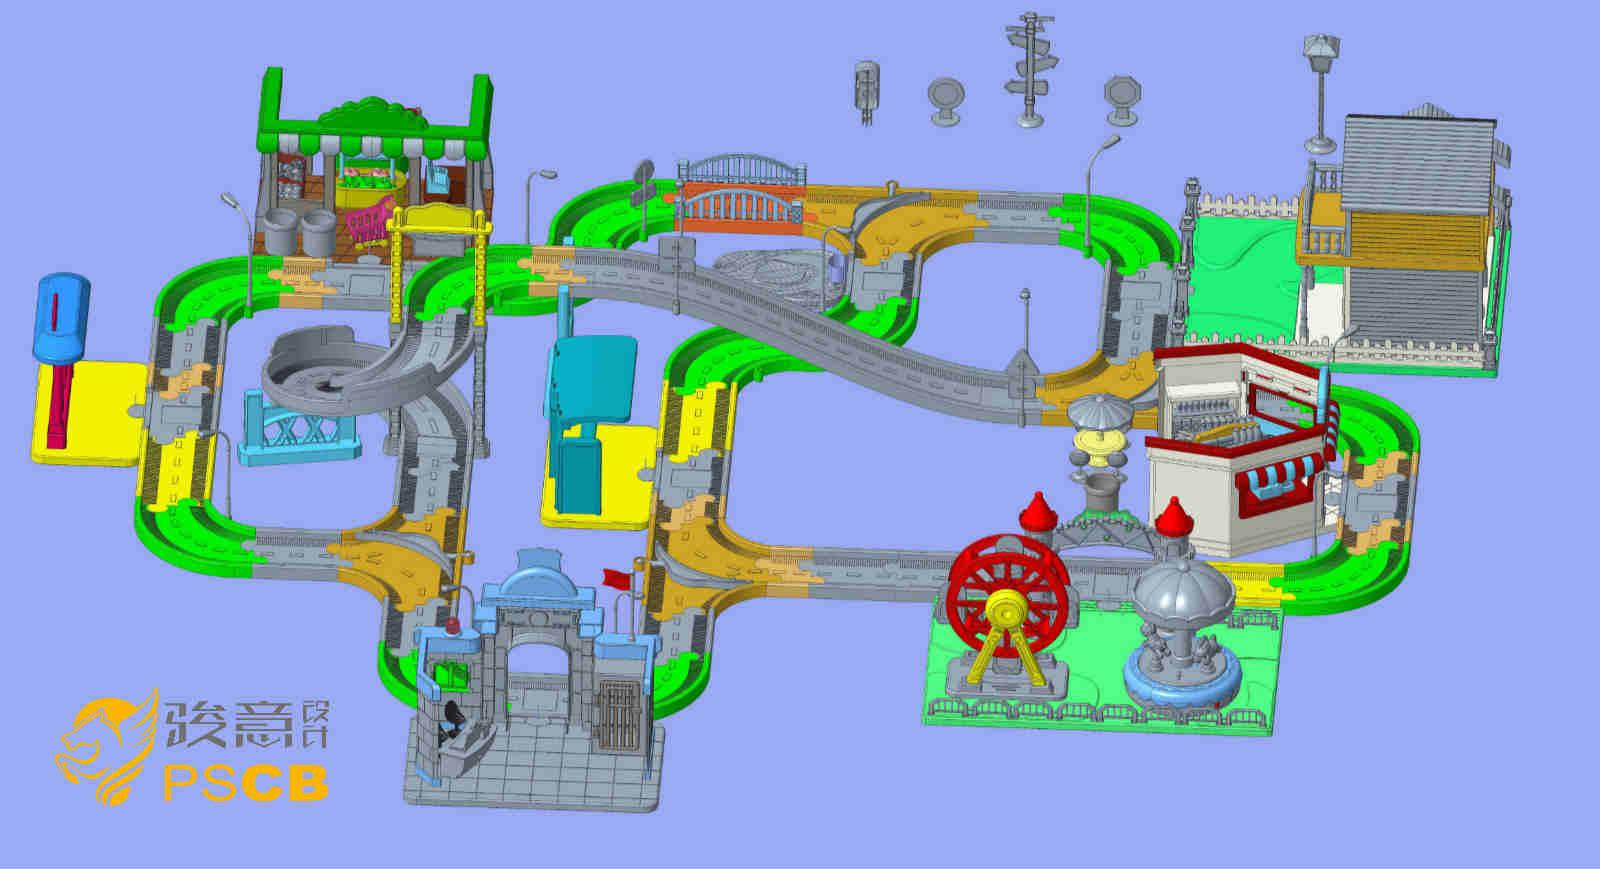 儿童过家家轨道玩具结构设计